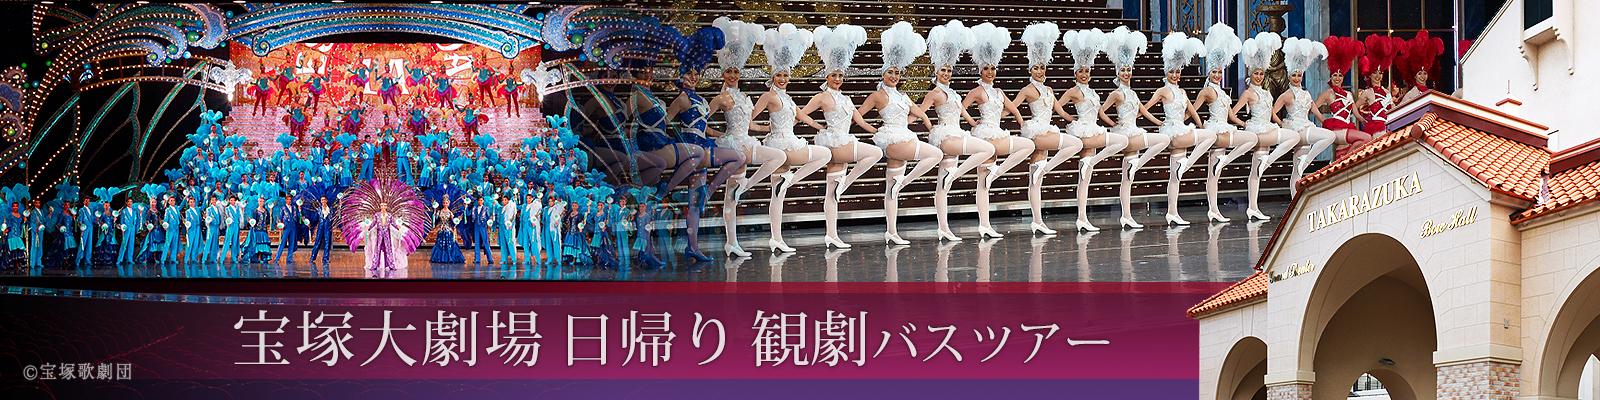 宝塚大劇場 日帰り 観劇バスツアー